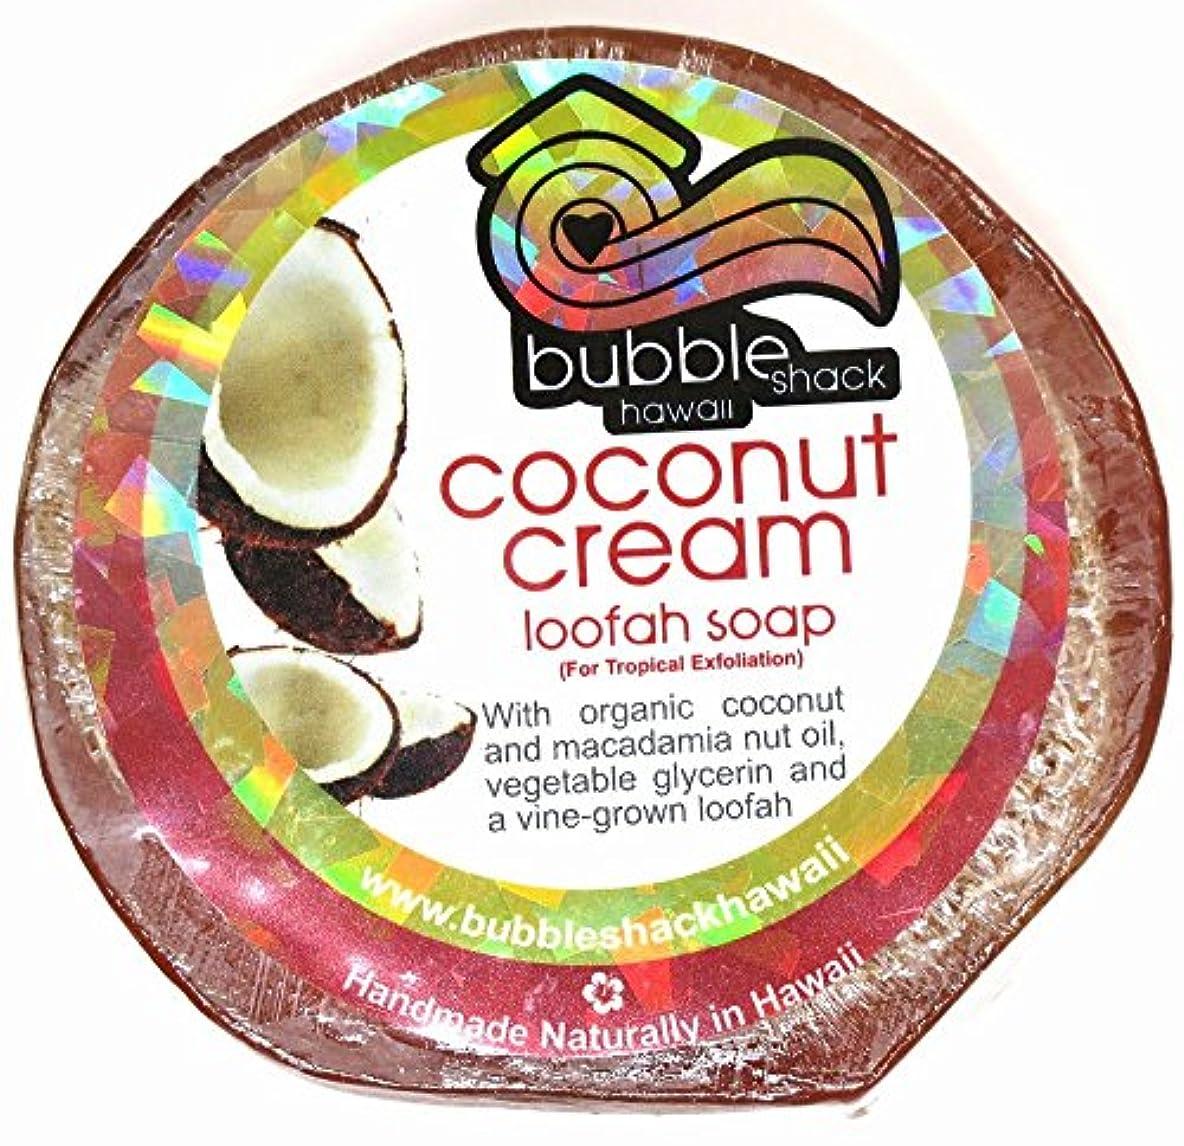 明日批判的いらいらさせるハワイアン雑貨/ハワイ 雑貨【バブルシャック】Bubble Shack Hawaii ルーファーソープ(ココナッツクリーム) 【お土産】